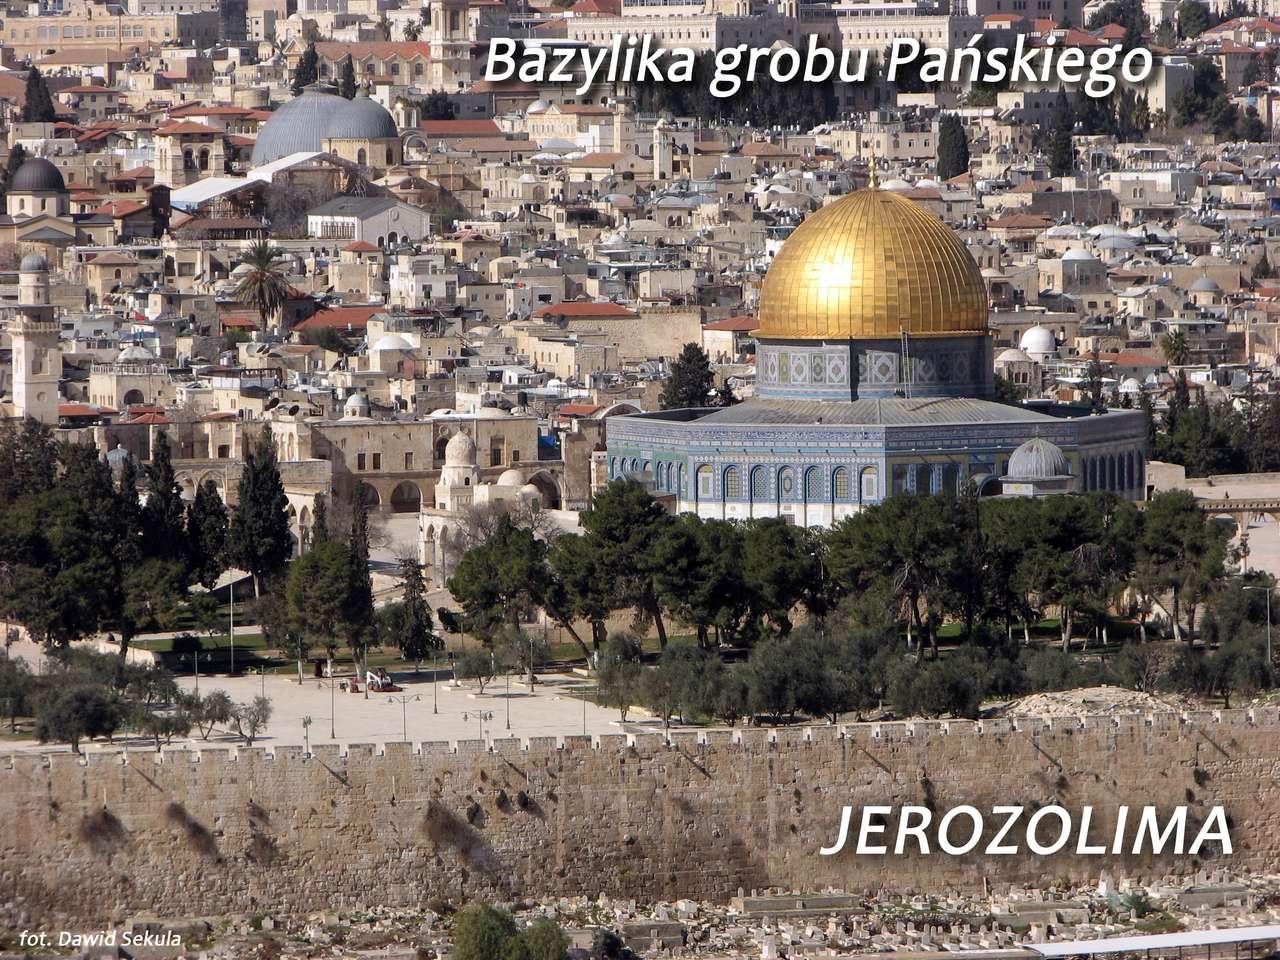 Jerozolima - Bazylika grobu Pańskiego puzzle online